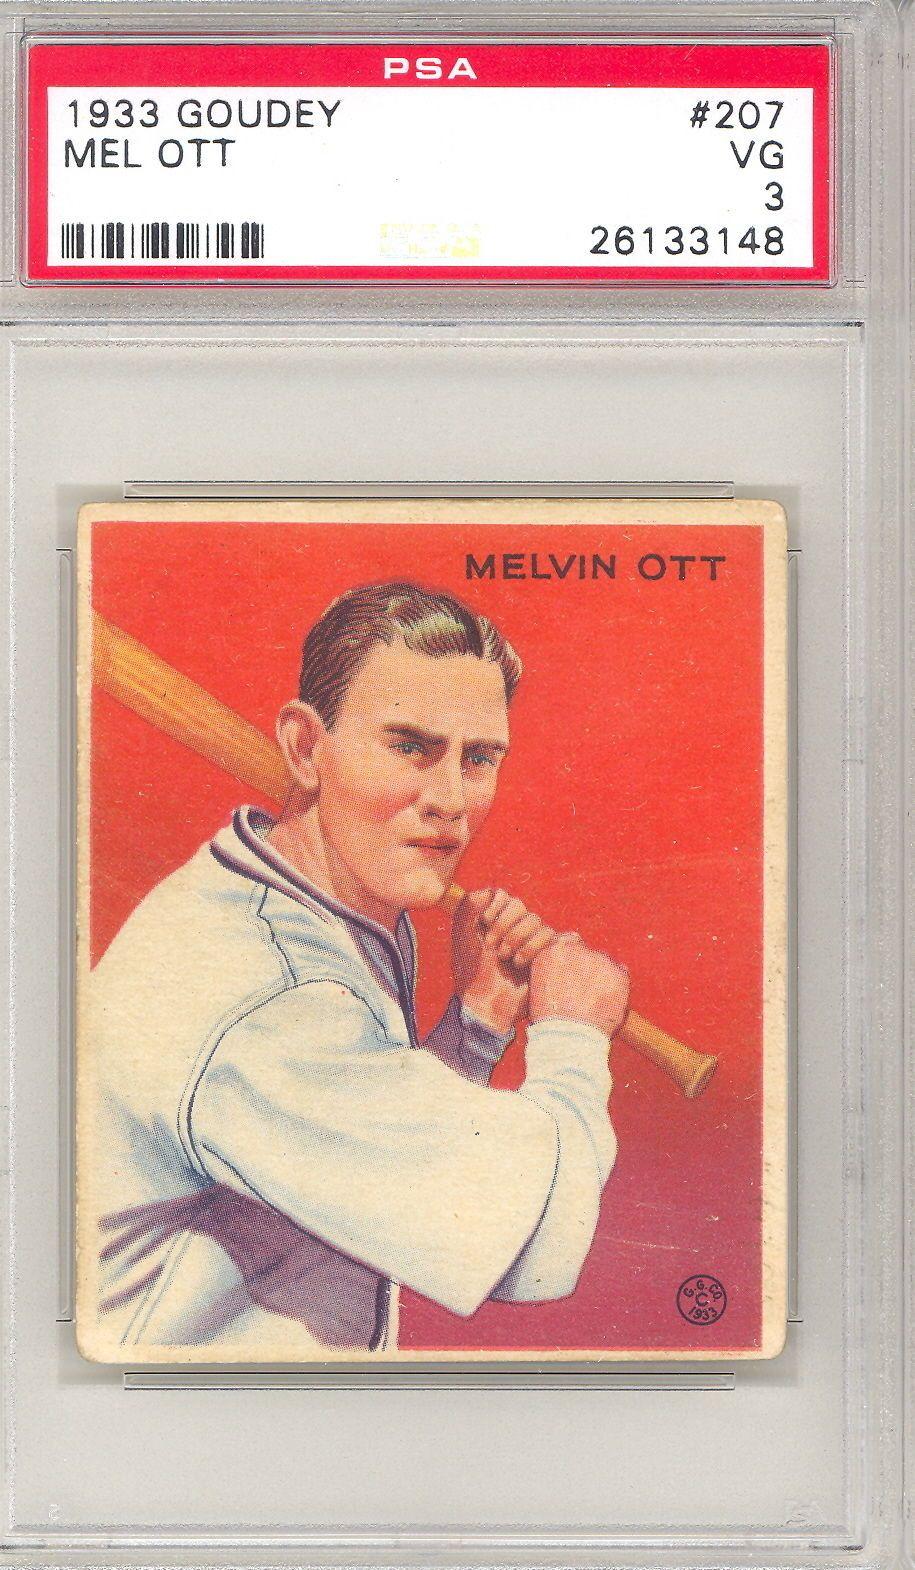 1933 Goudey Baseball Mel Ott Rookie Card 207 Psa 3 498a